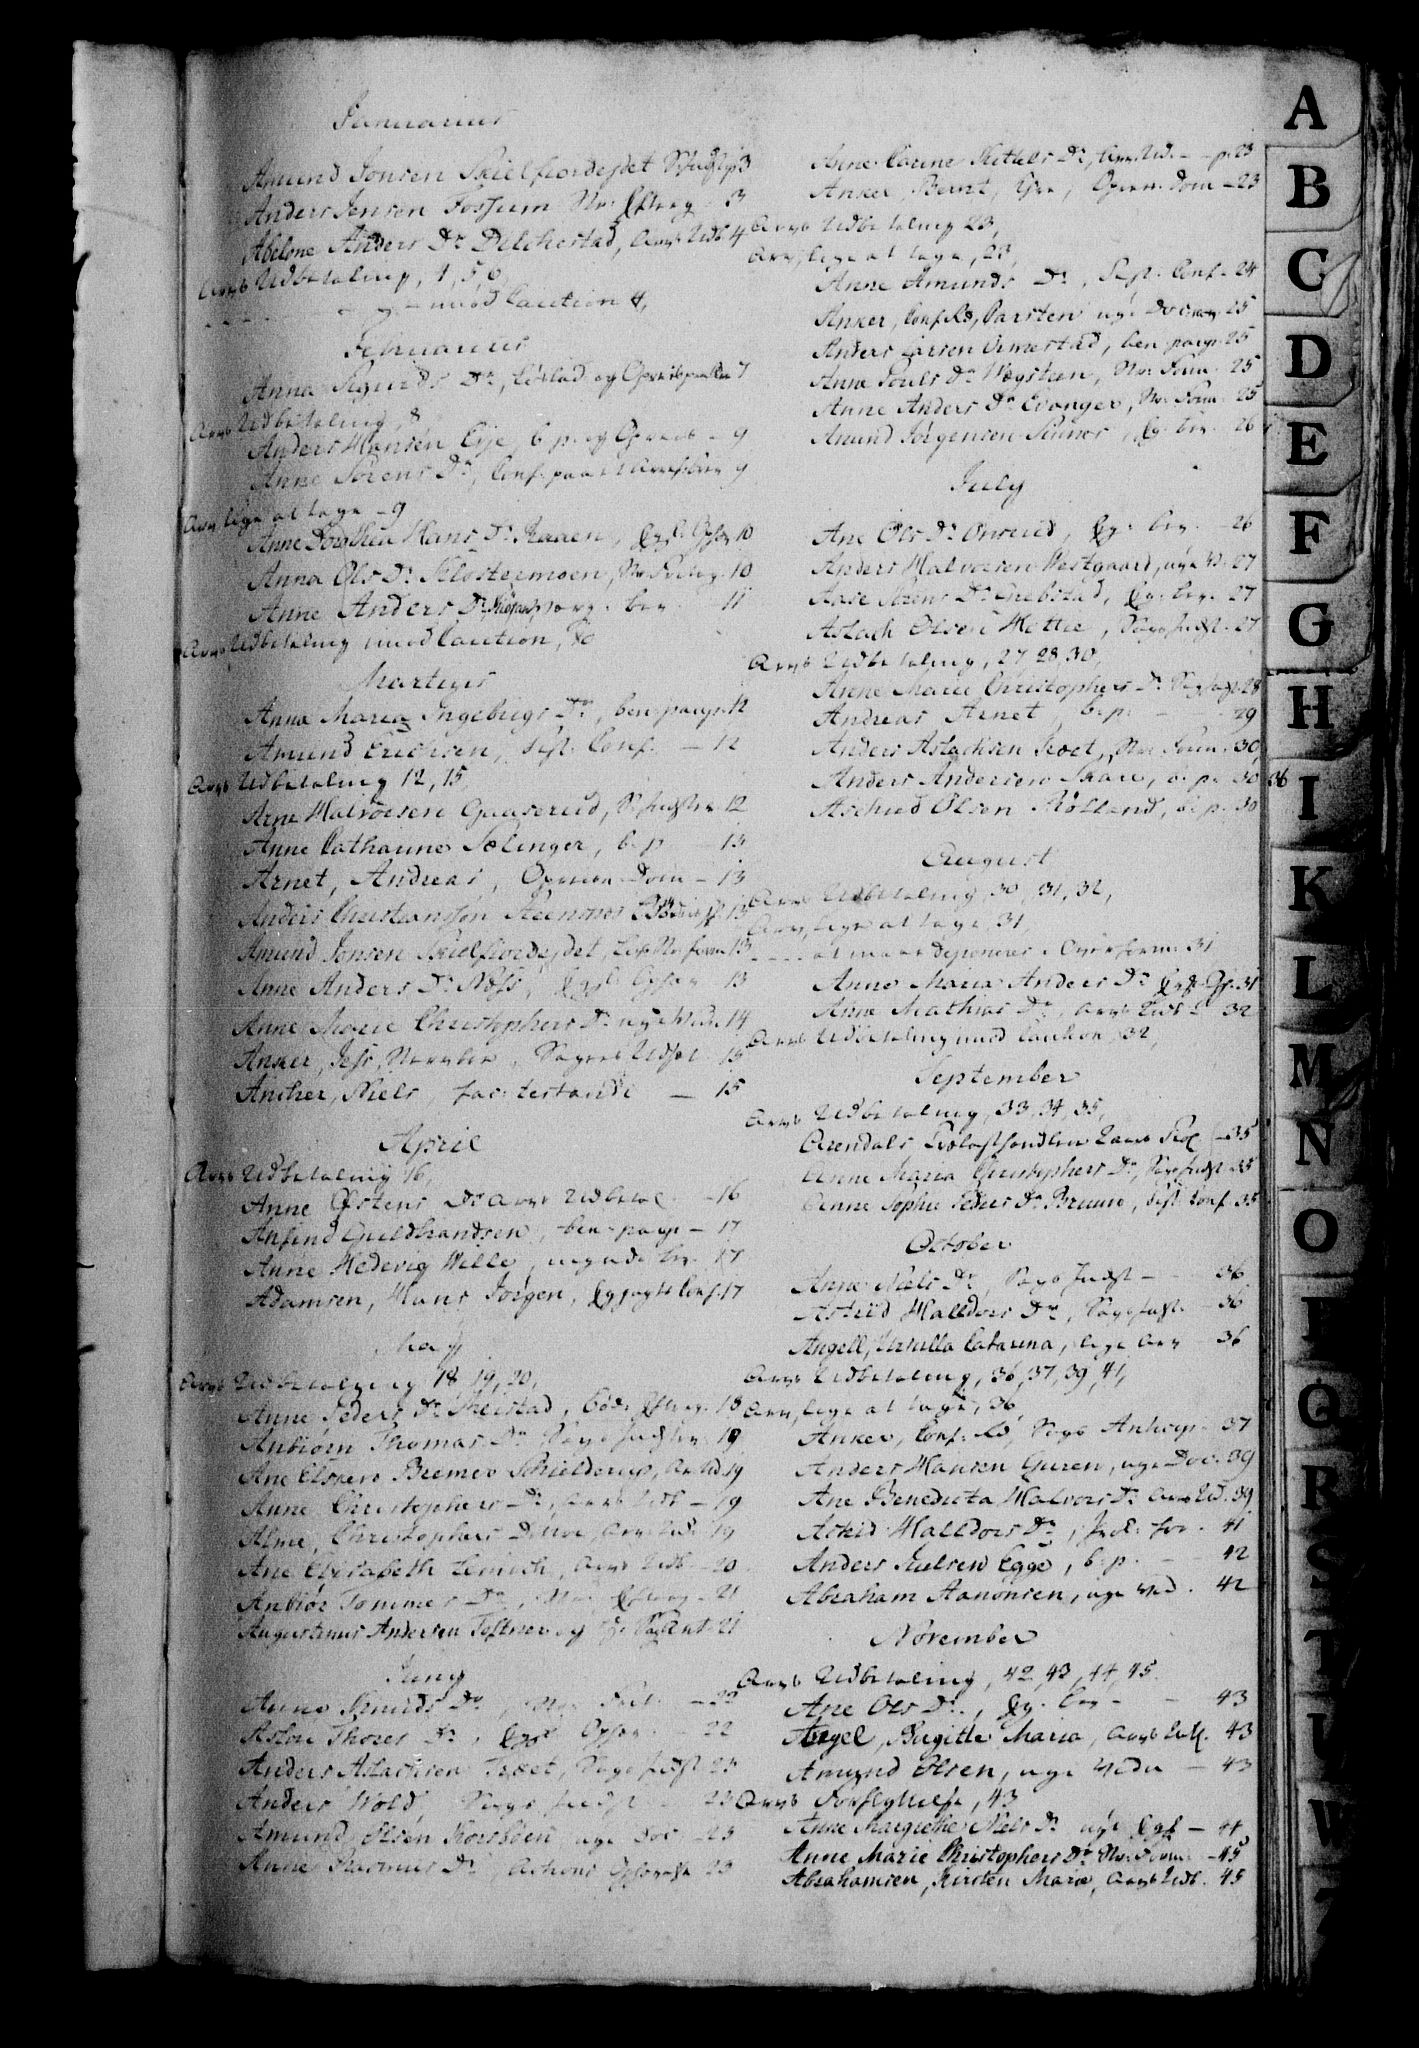 RA, Danske Kanselli 1800-1814, H/Hf/Hfb/Hfbc/L0002: Underskrivelsesbok m. register, 1801